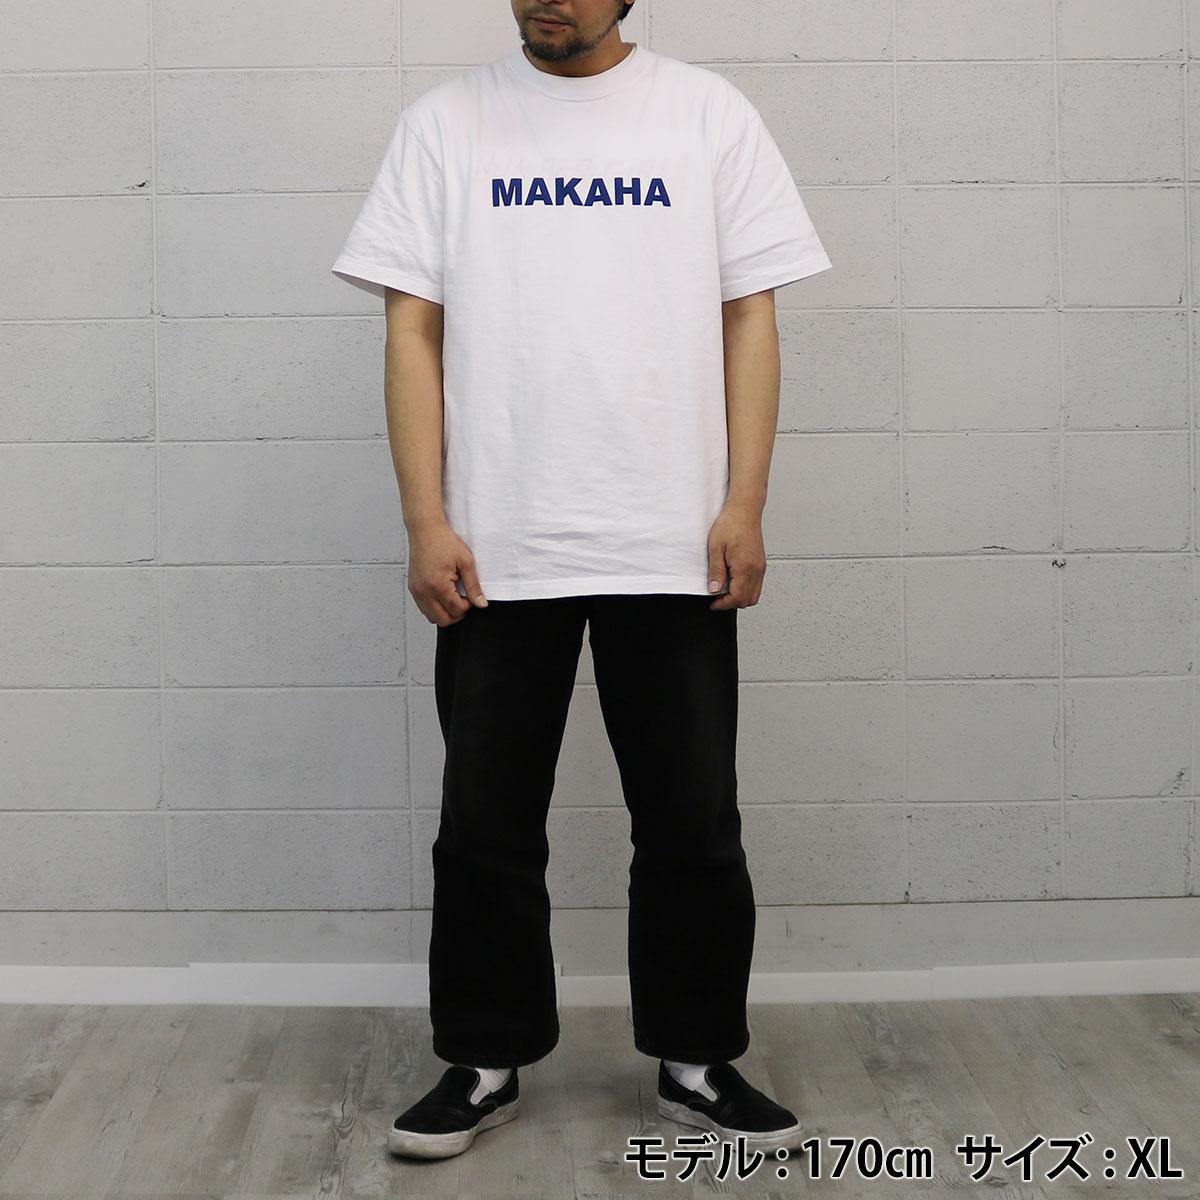 HAWAIIAN POPPY MAKAHA T-SHIRT